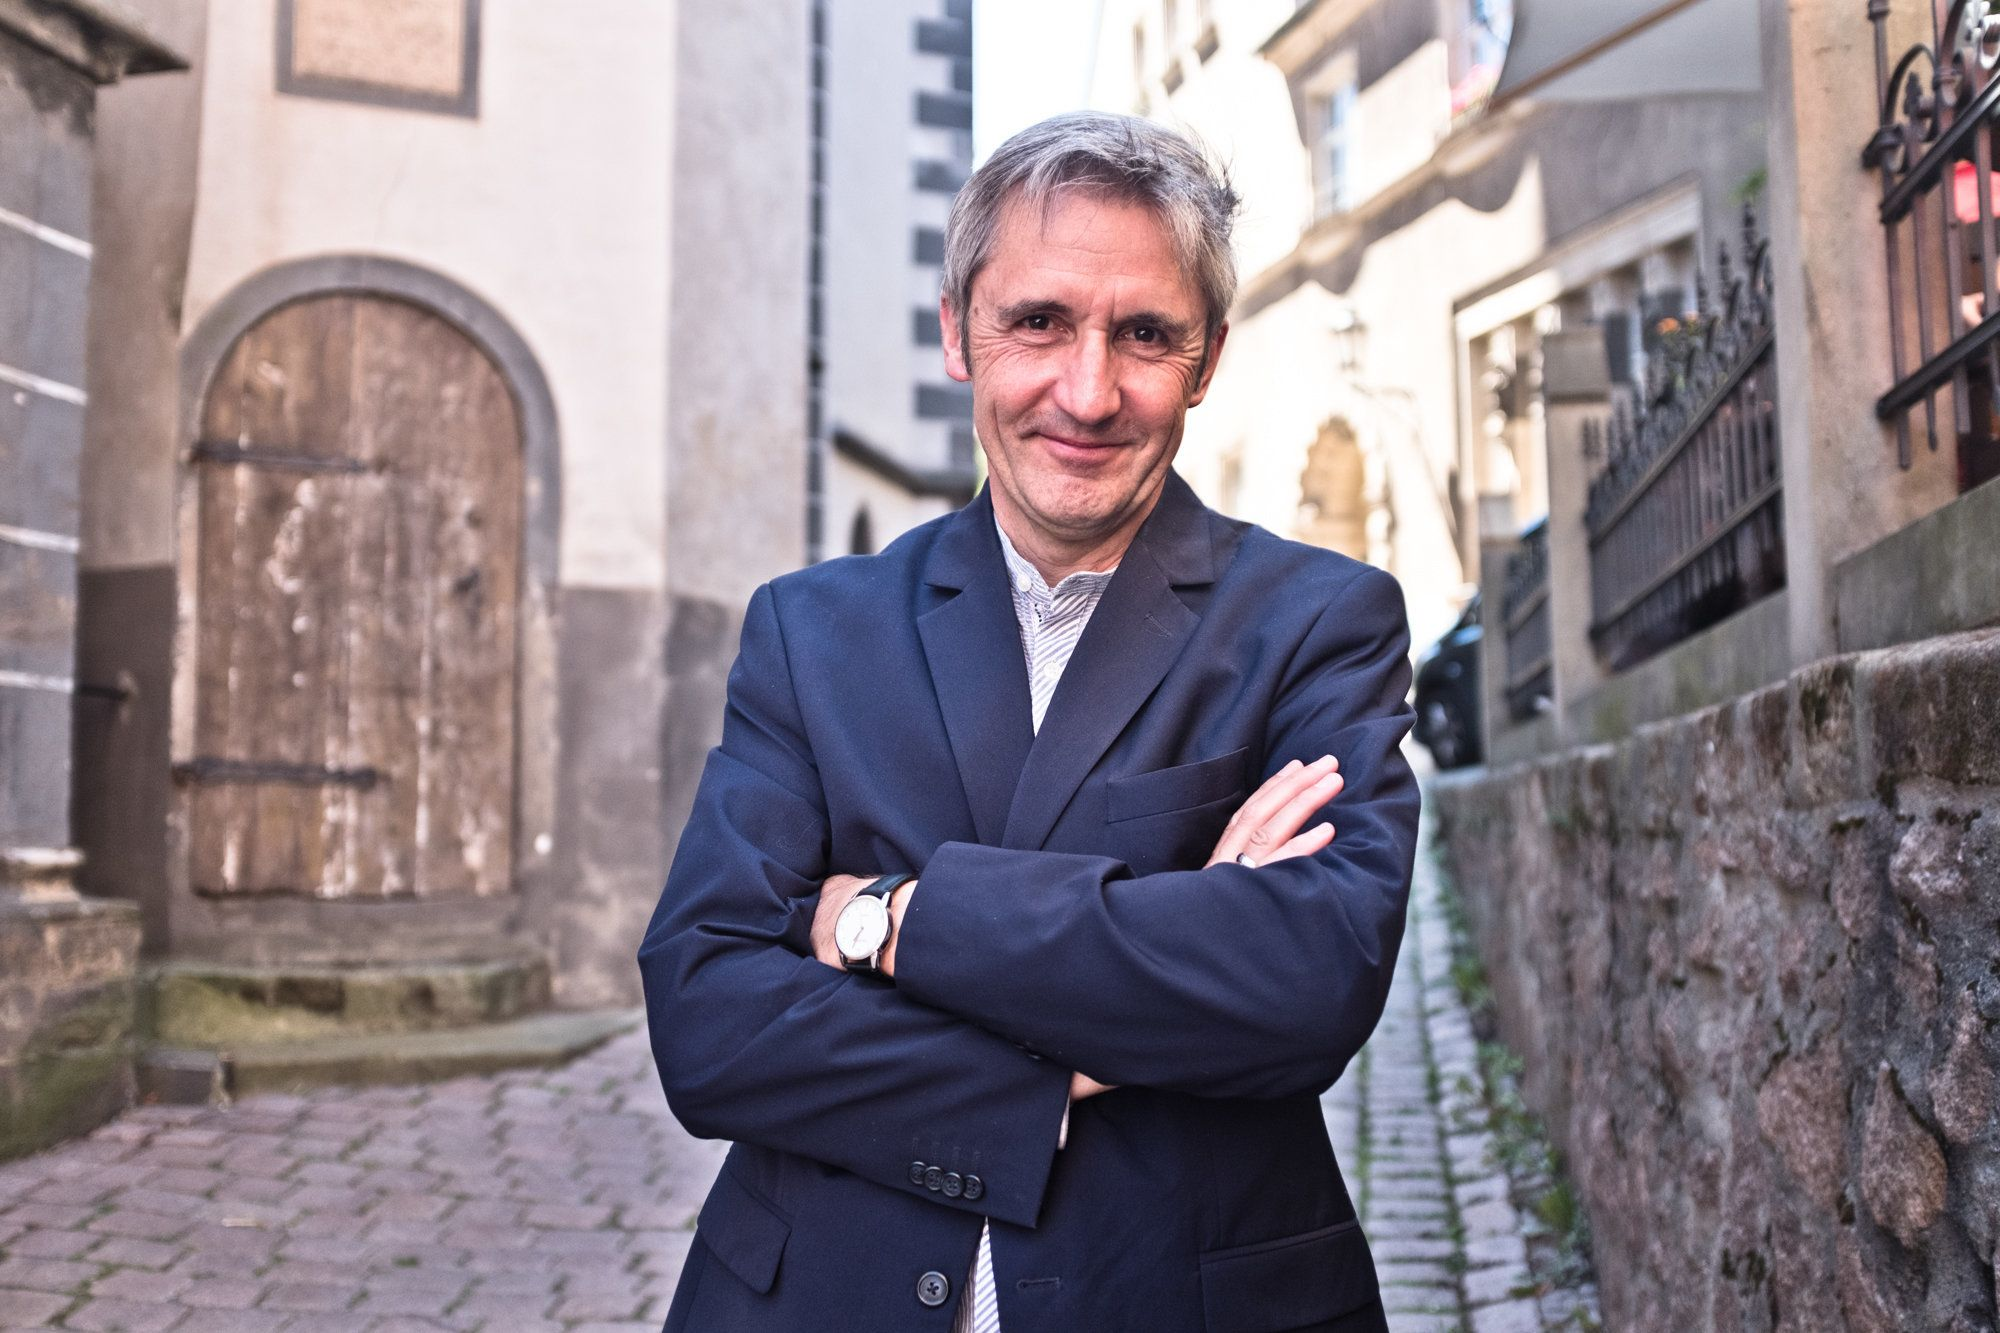 Bürgerrechtler Frank Richter: Wir müssen mit Wutbürgern reden – und nur so